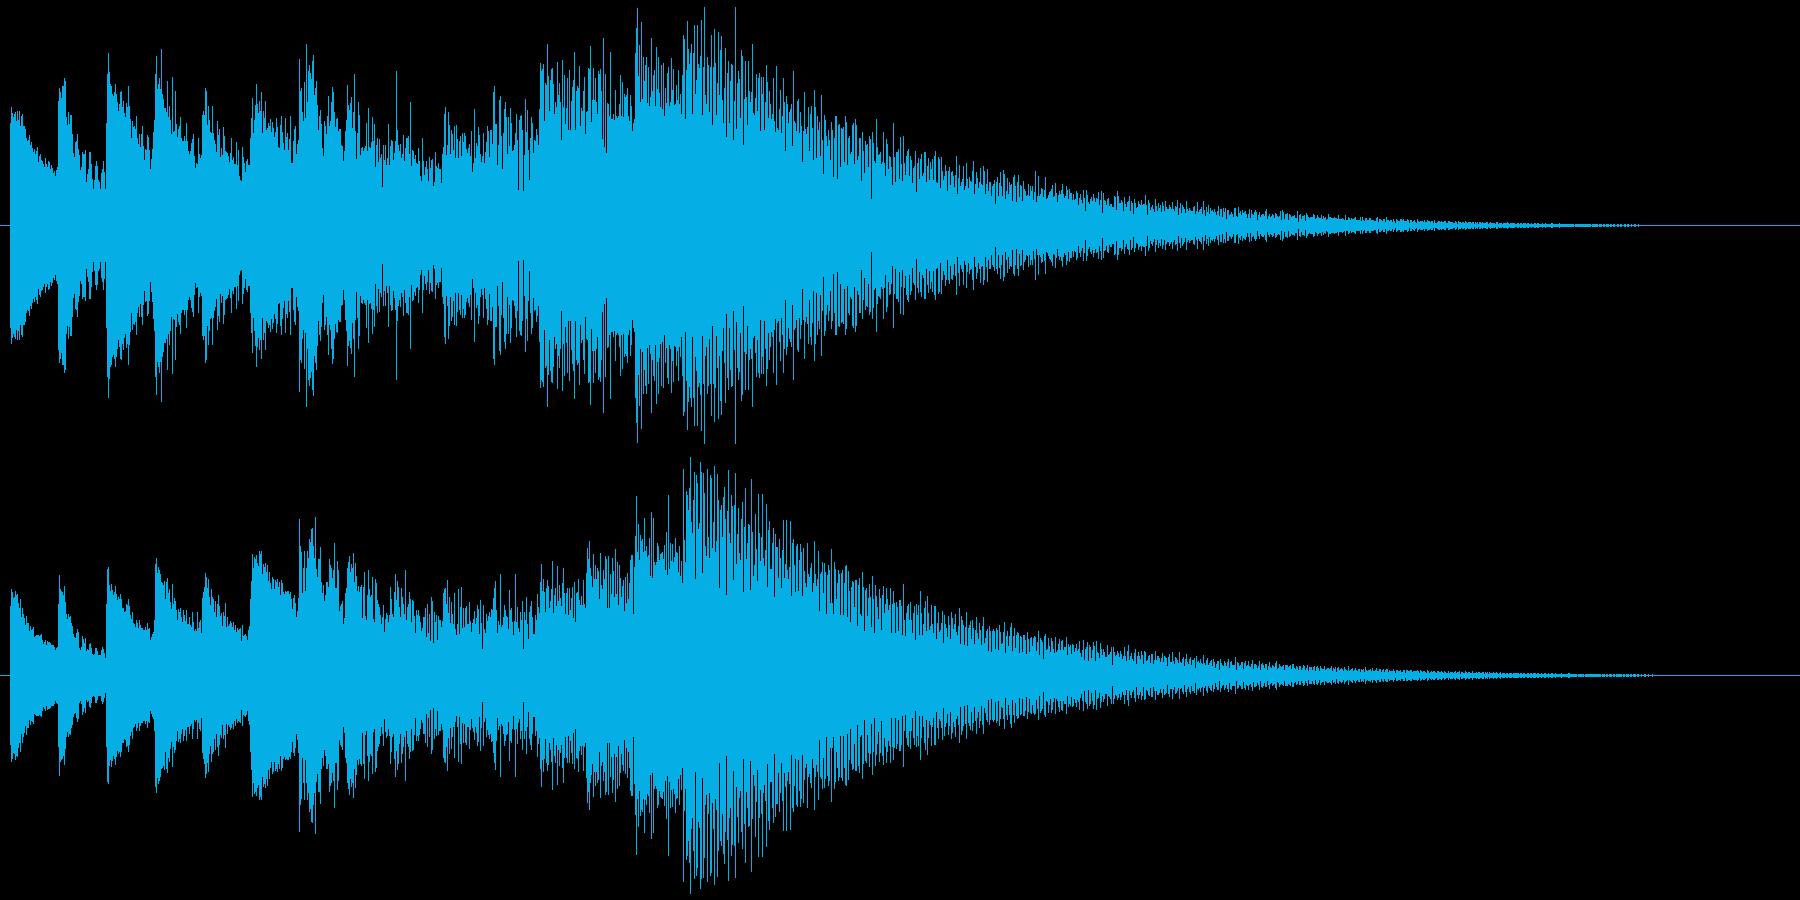 キラキラーン ゆっくり上昇(鉄琴風)の再生済みの波形